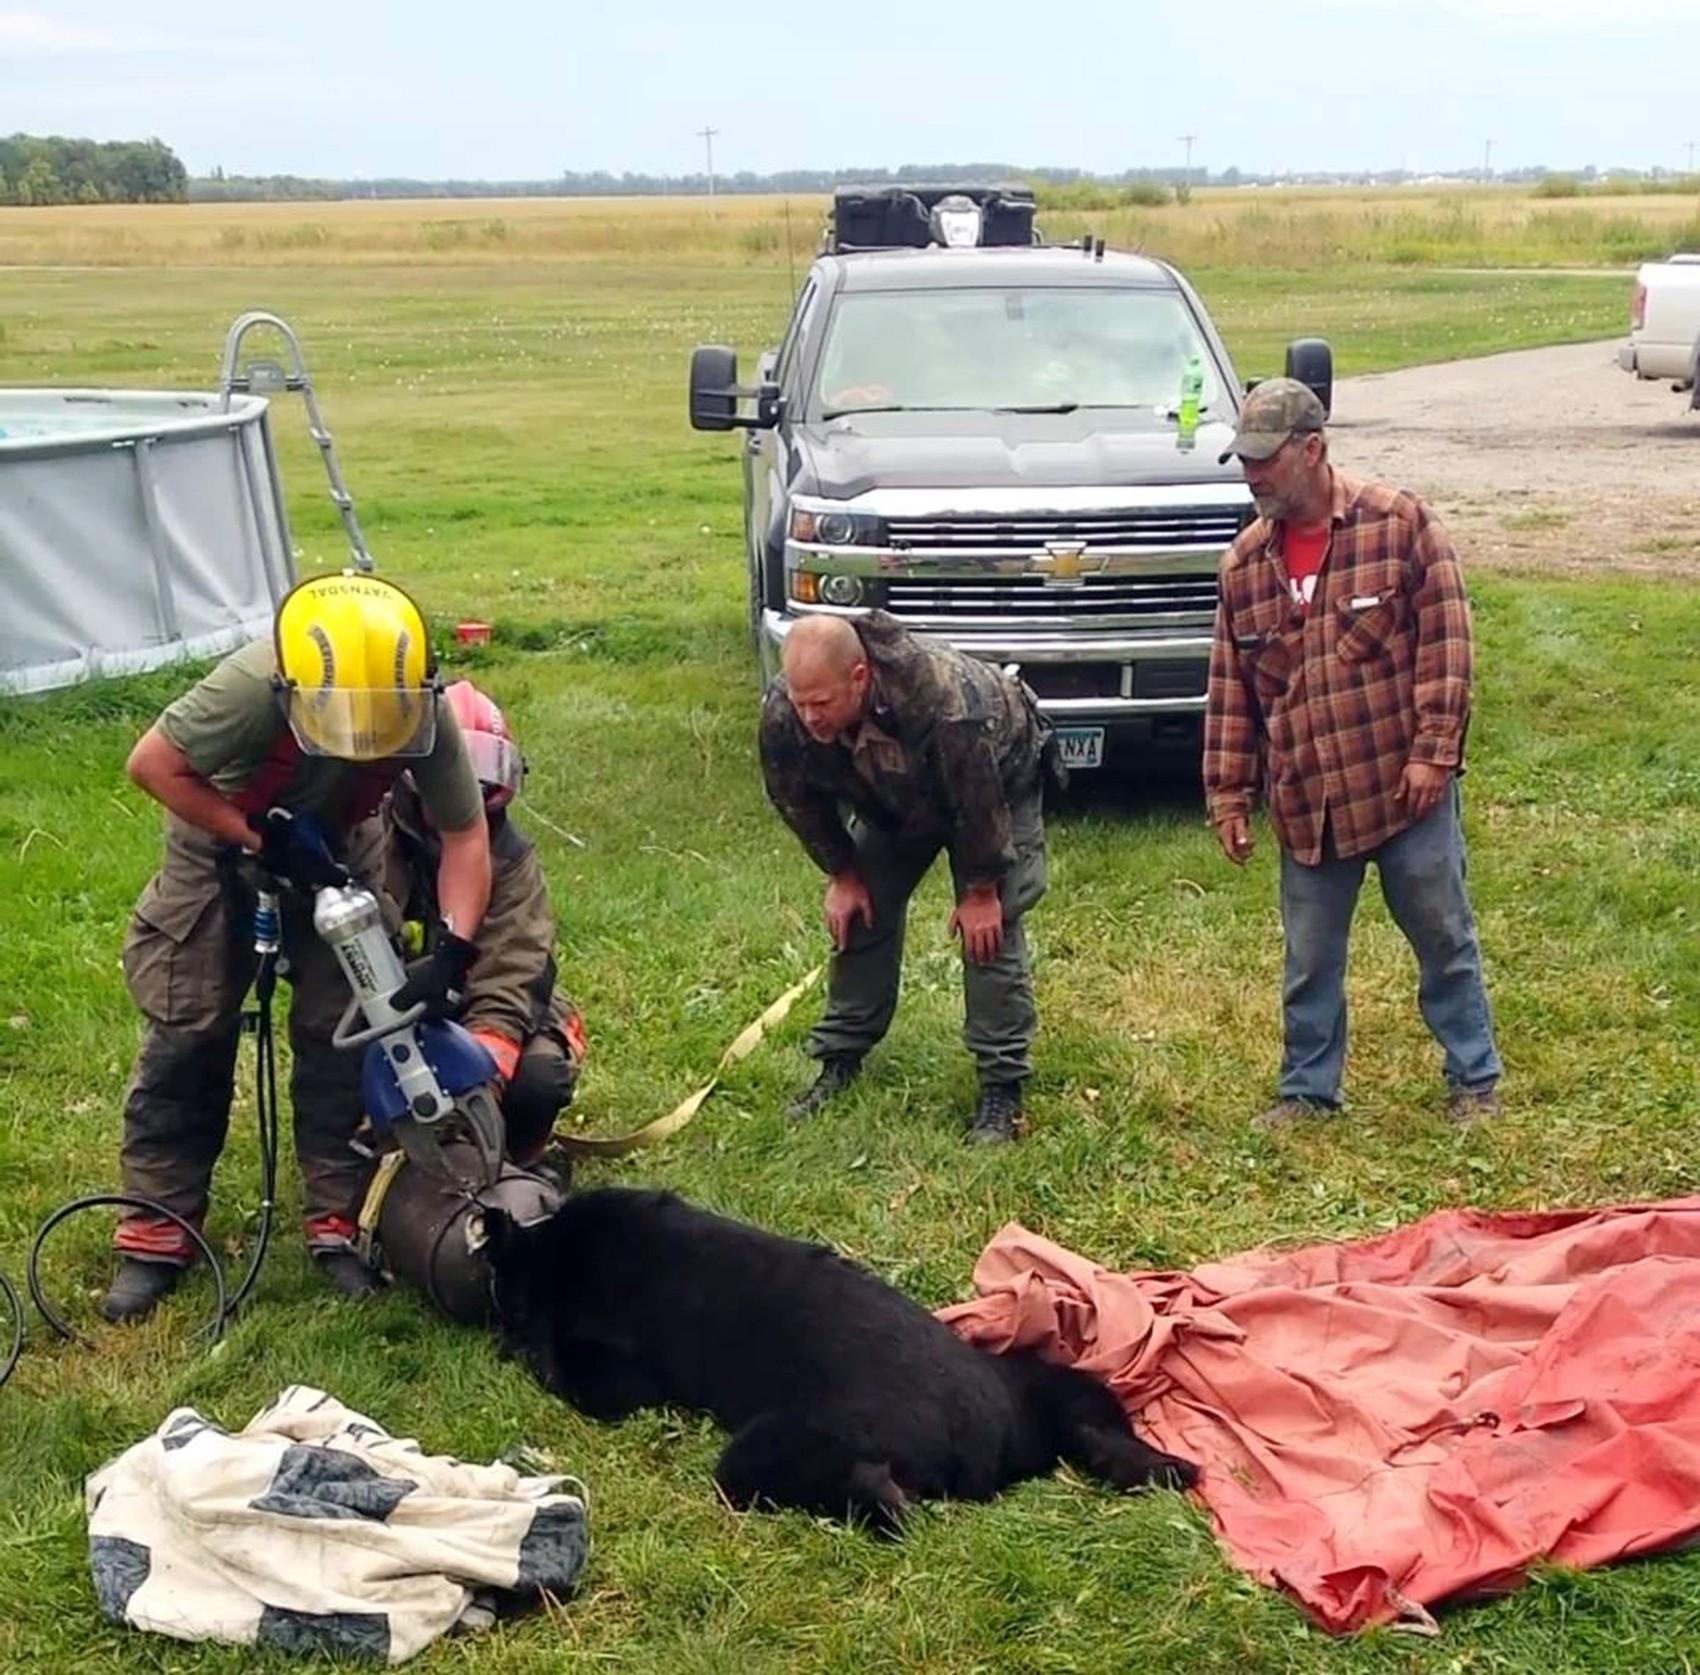 Urso fica com cabeça presa em galão de leite nos EUA